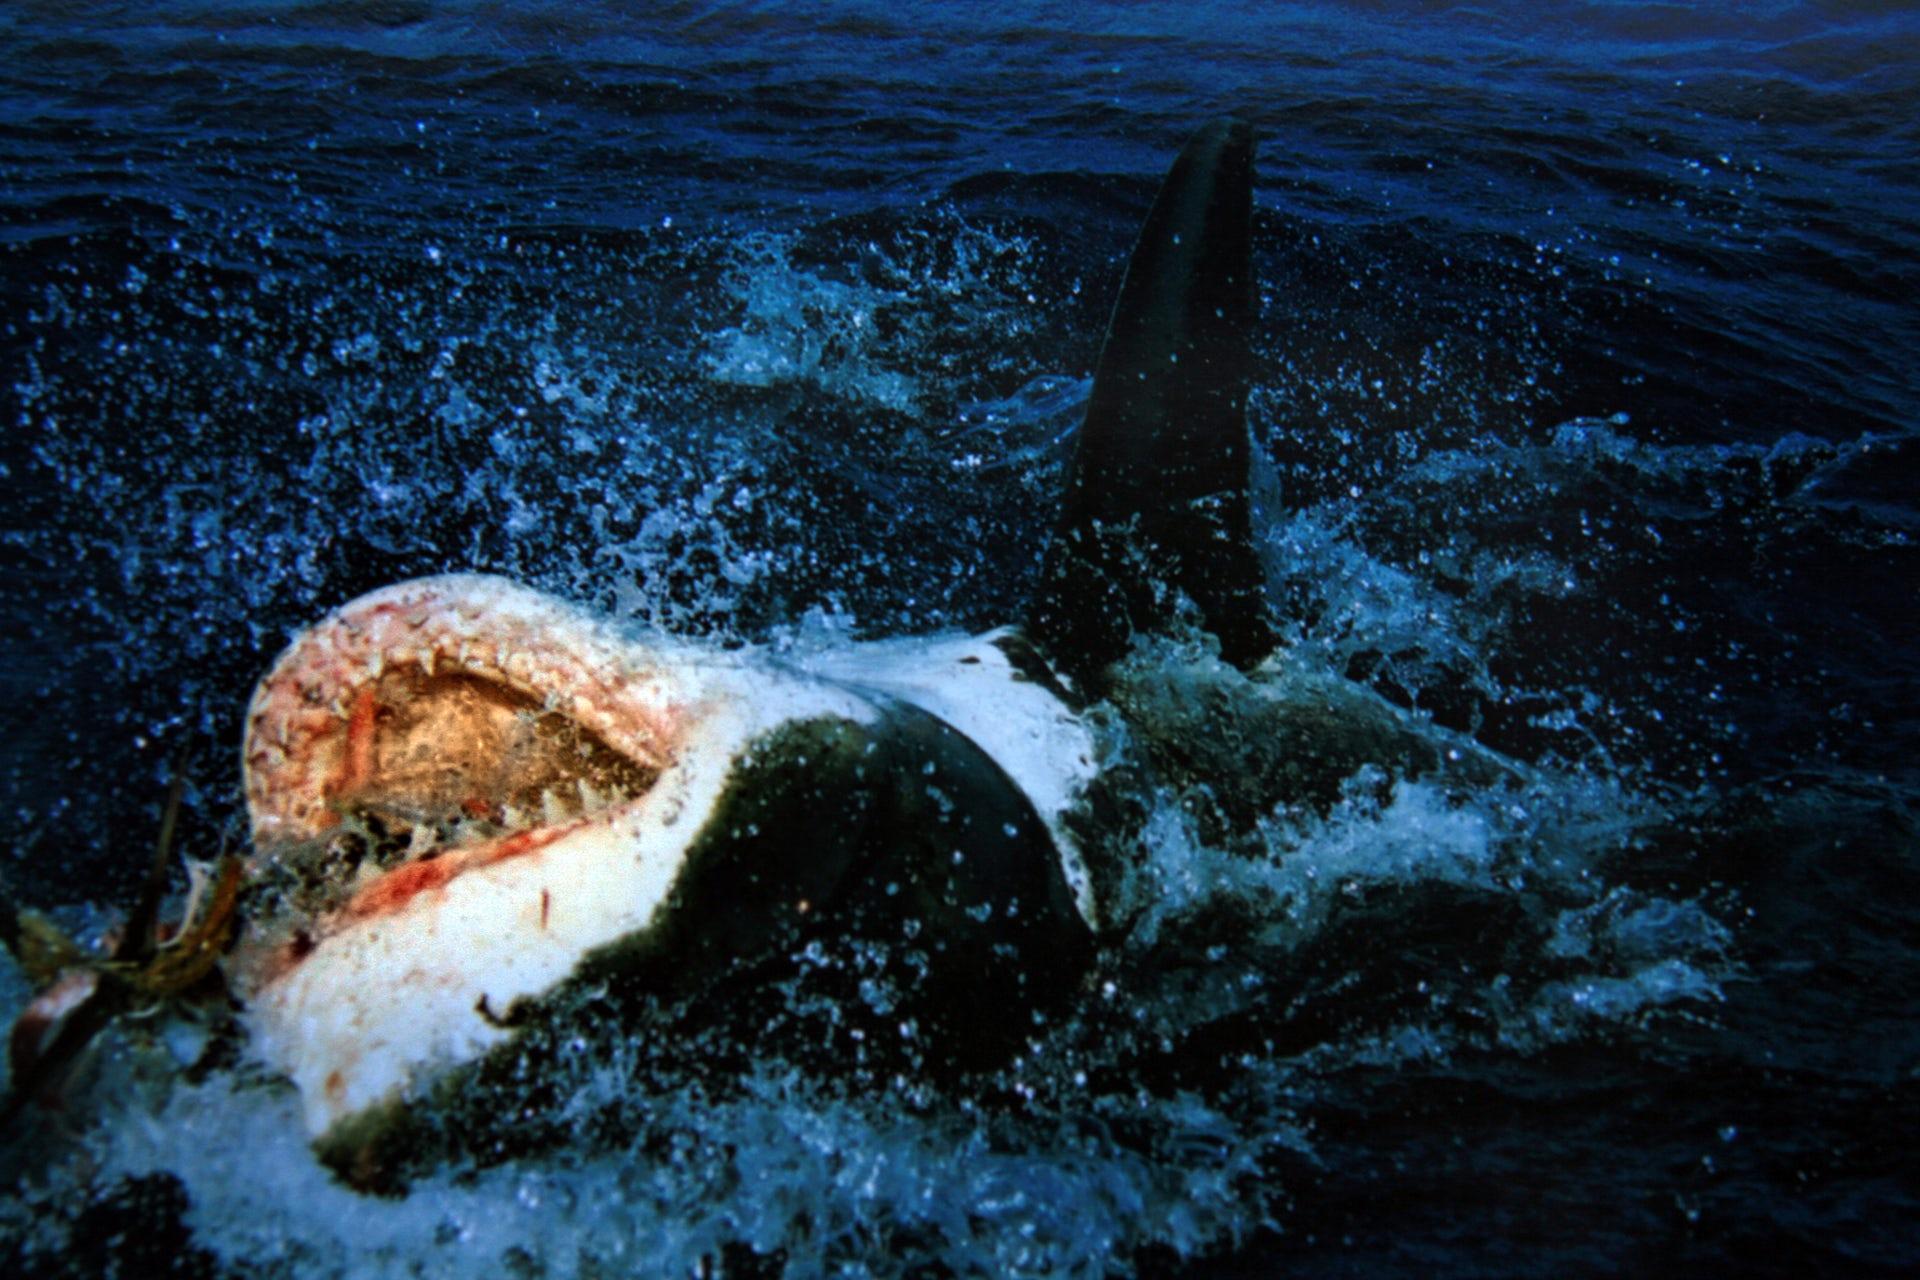 persuasive essay on shark culling